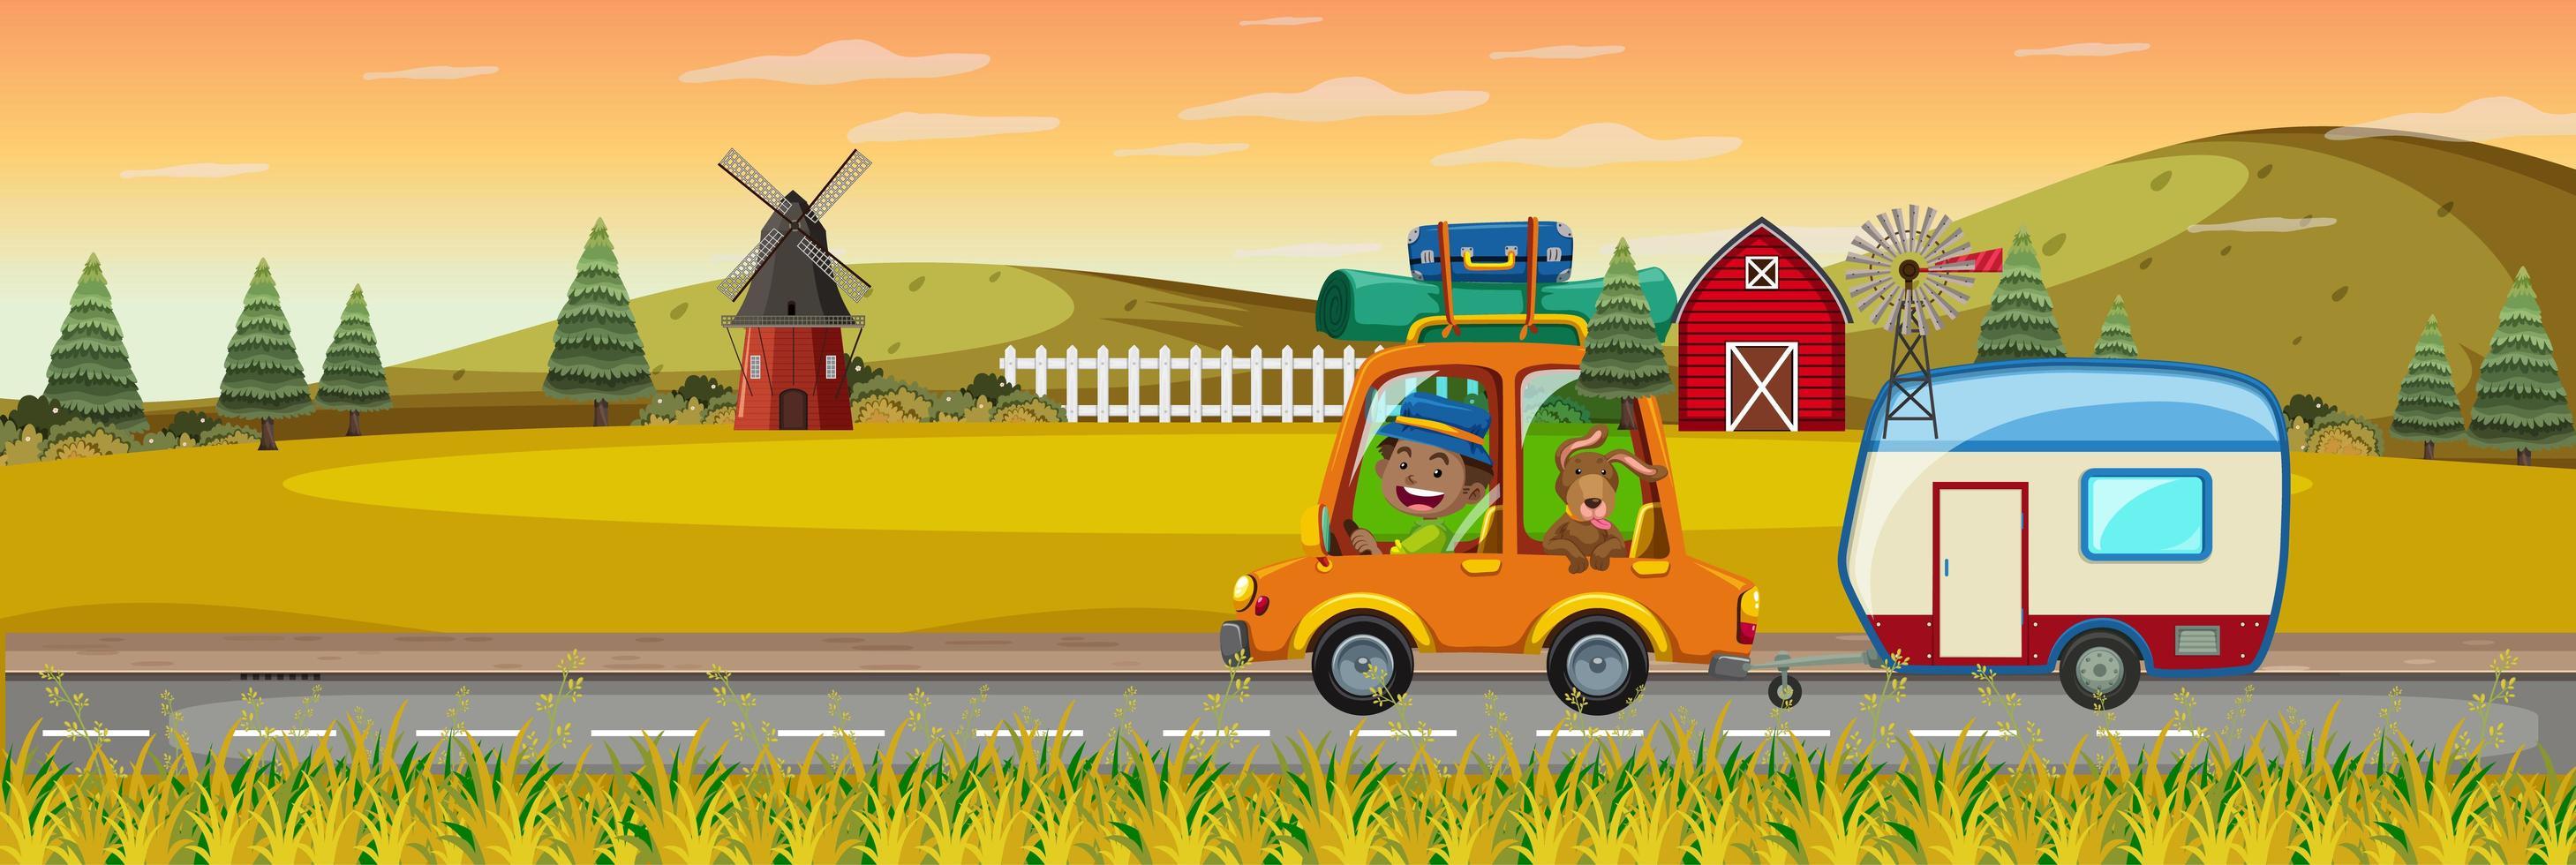 Kinder auf Roadtrip in der horizontalen Farmszene zur Sonnenuntergangszeit vektor